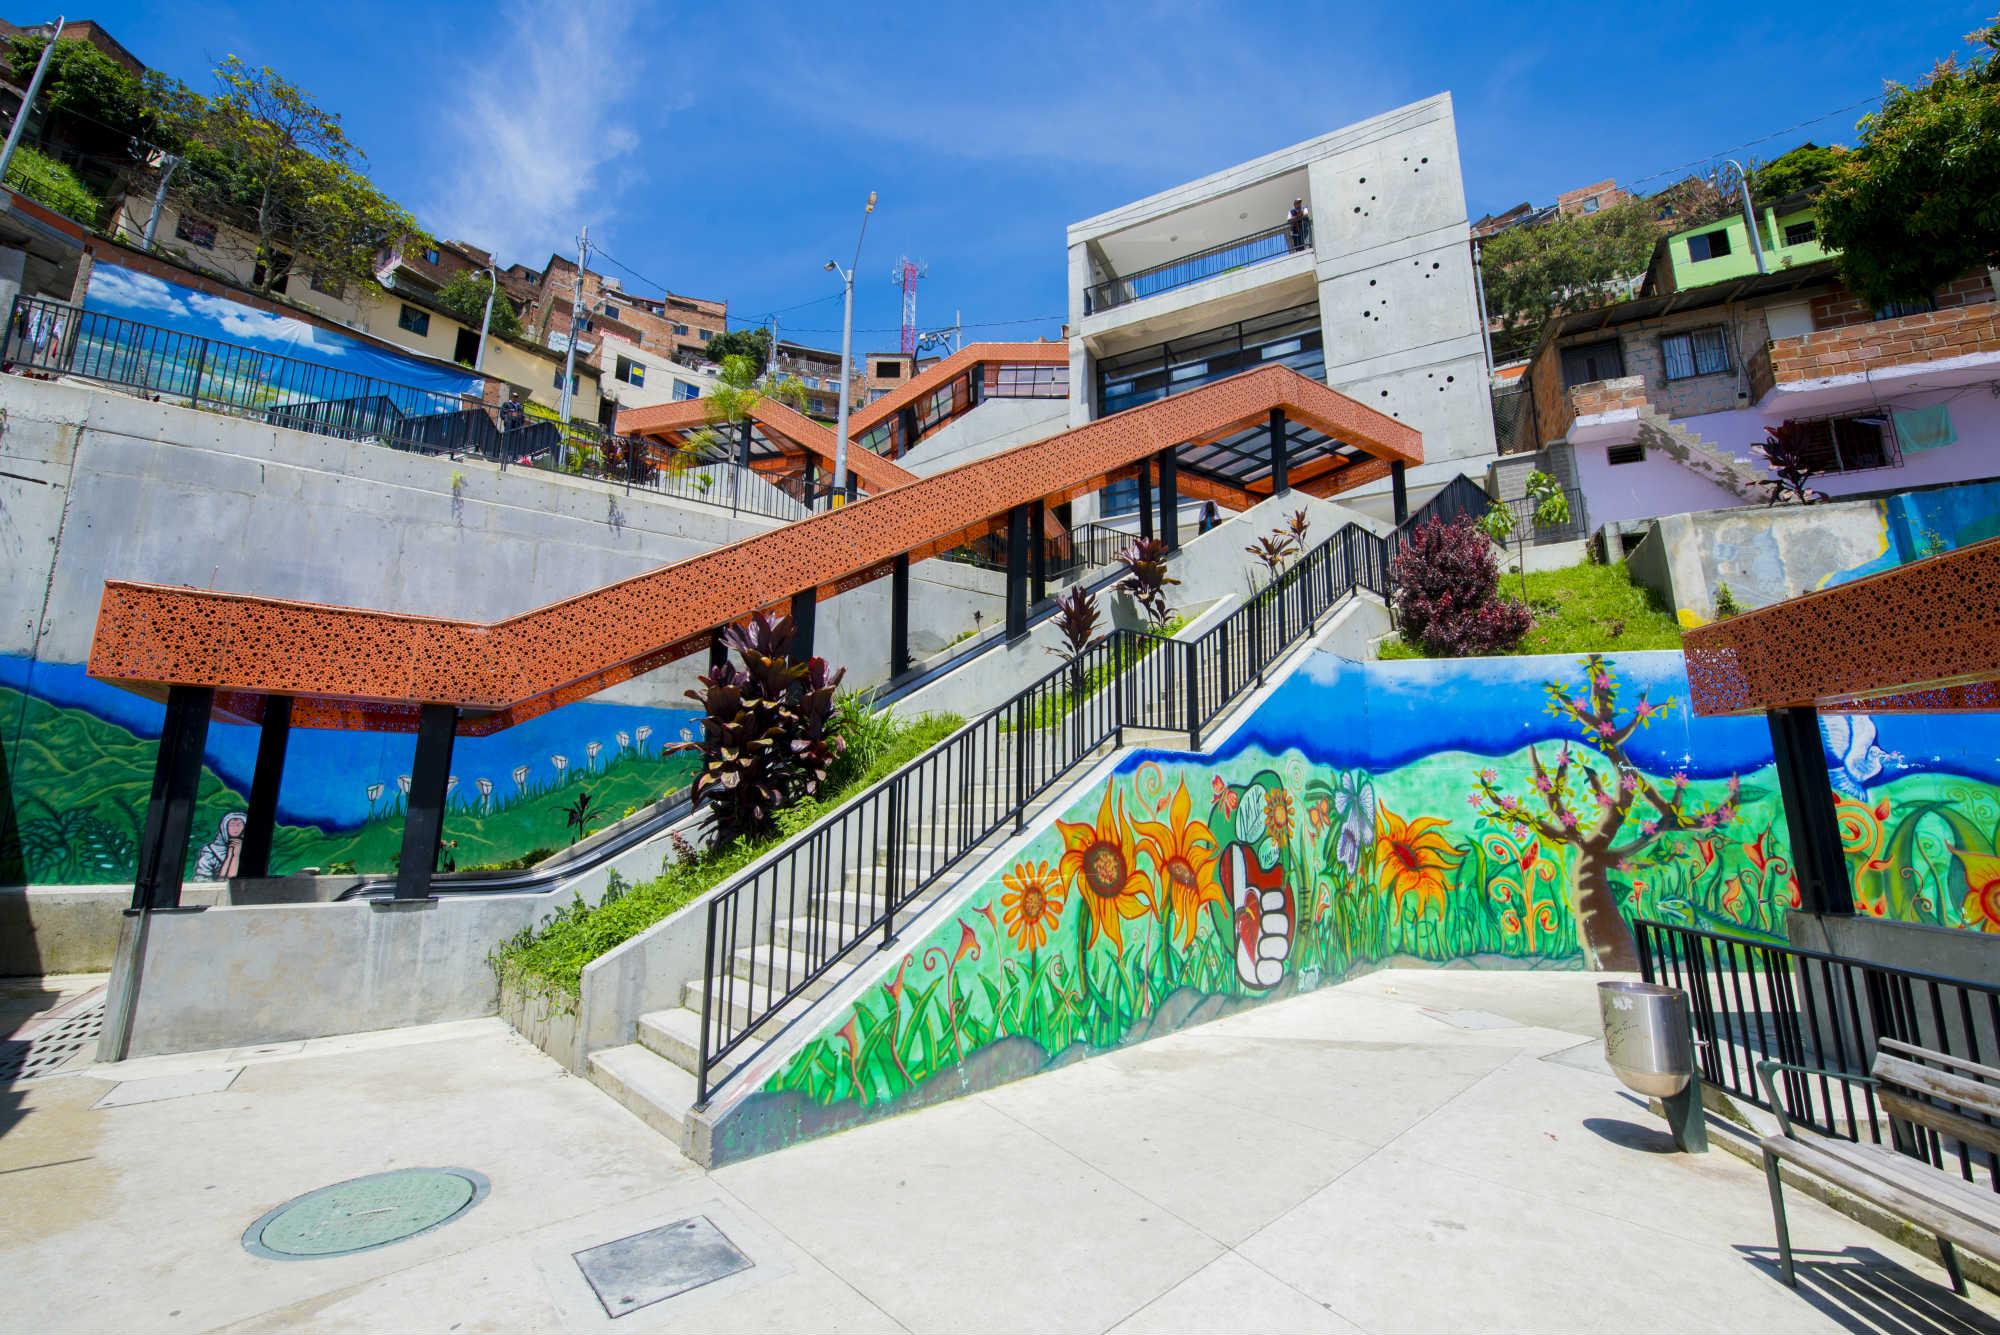 Las escaleras eléctricas son una intervención urbana única en el mundo y que dio una nueva imagen y sentido de pertenencia a los habitantes de la comuna 13.